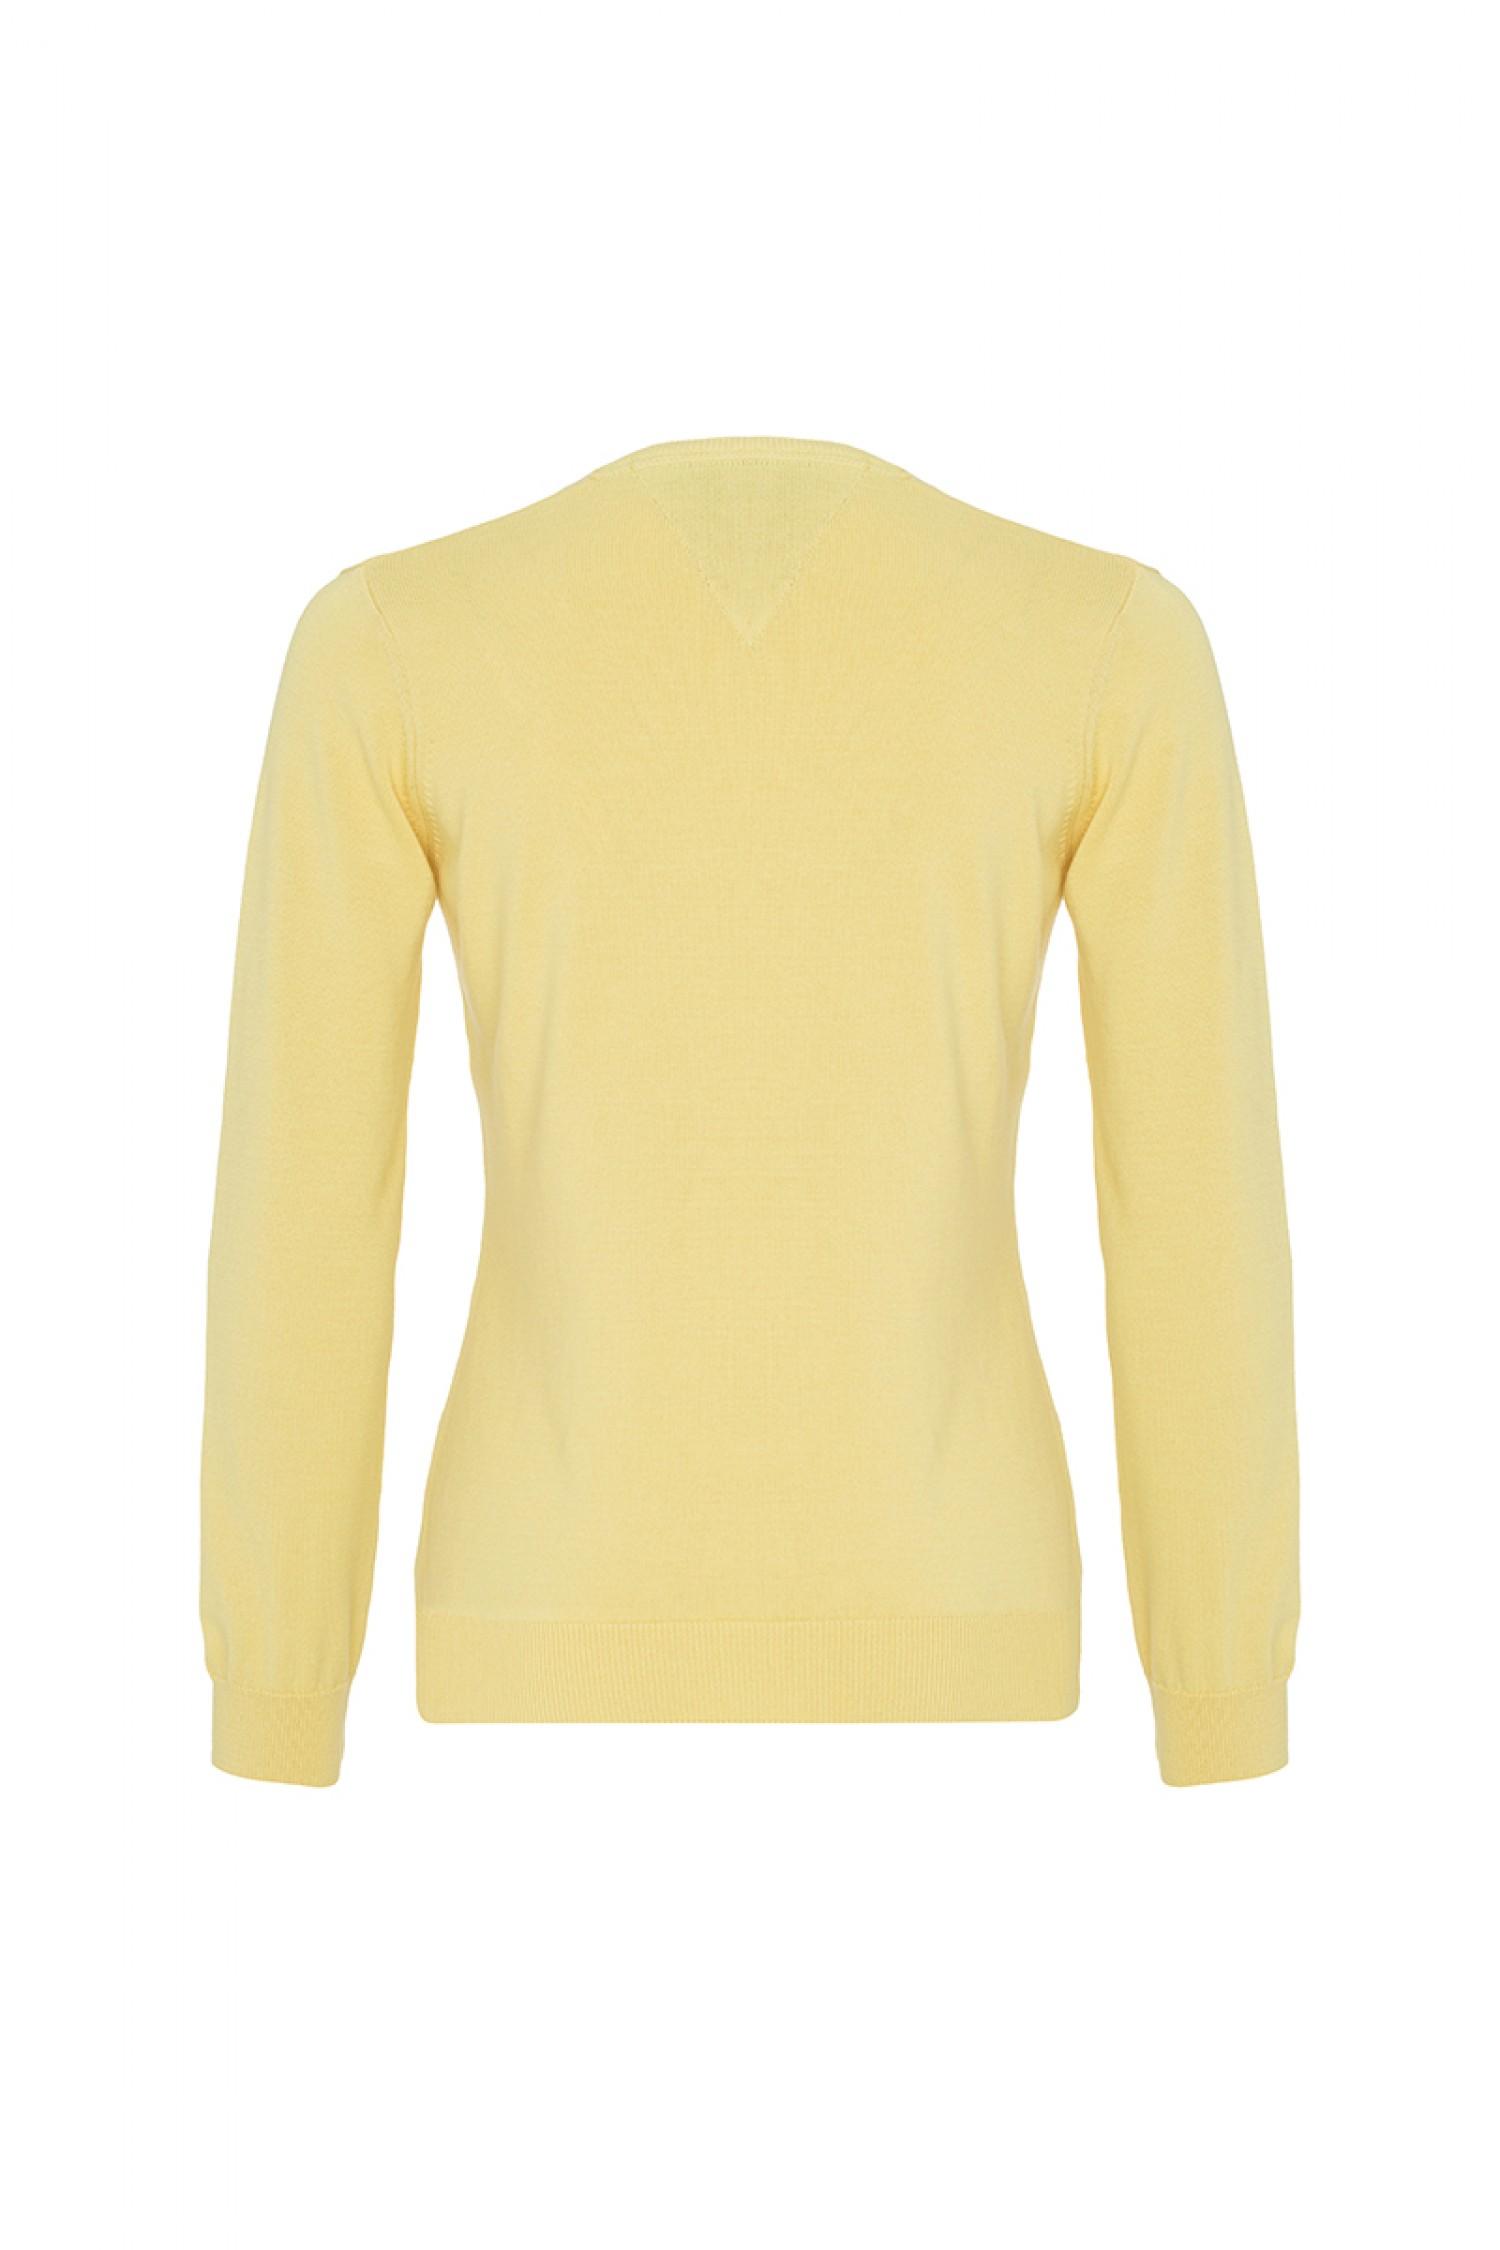 Sonderpreis für neuartiger Stil wähle spätestens Baumwoll Pullover V-Ausschnitt GELB für Damen - Denim Culture